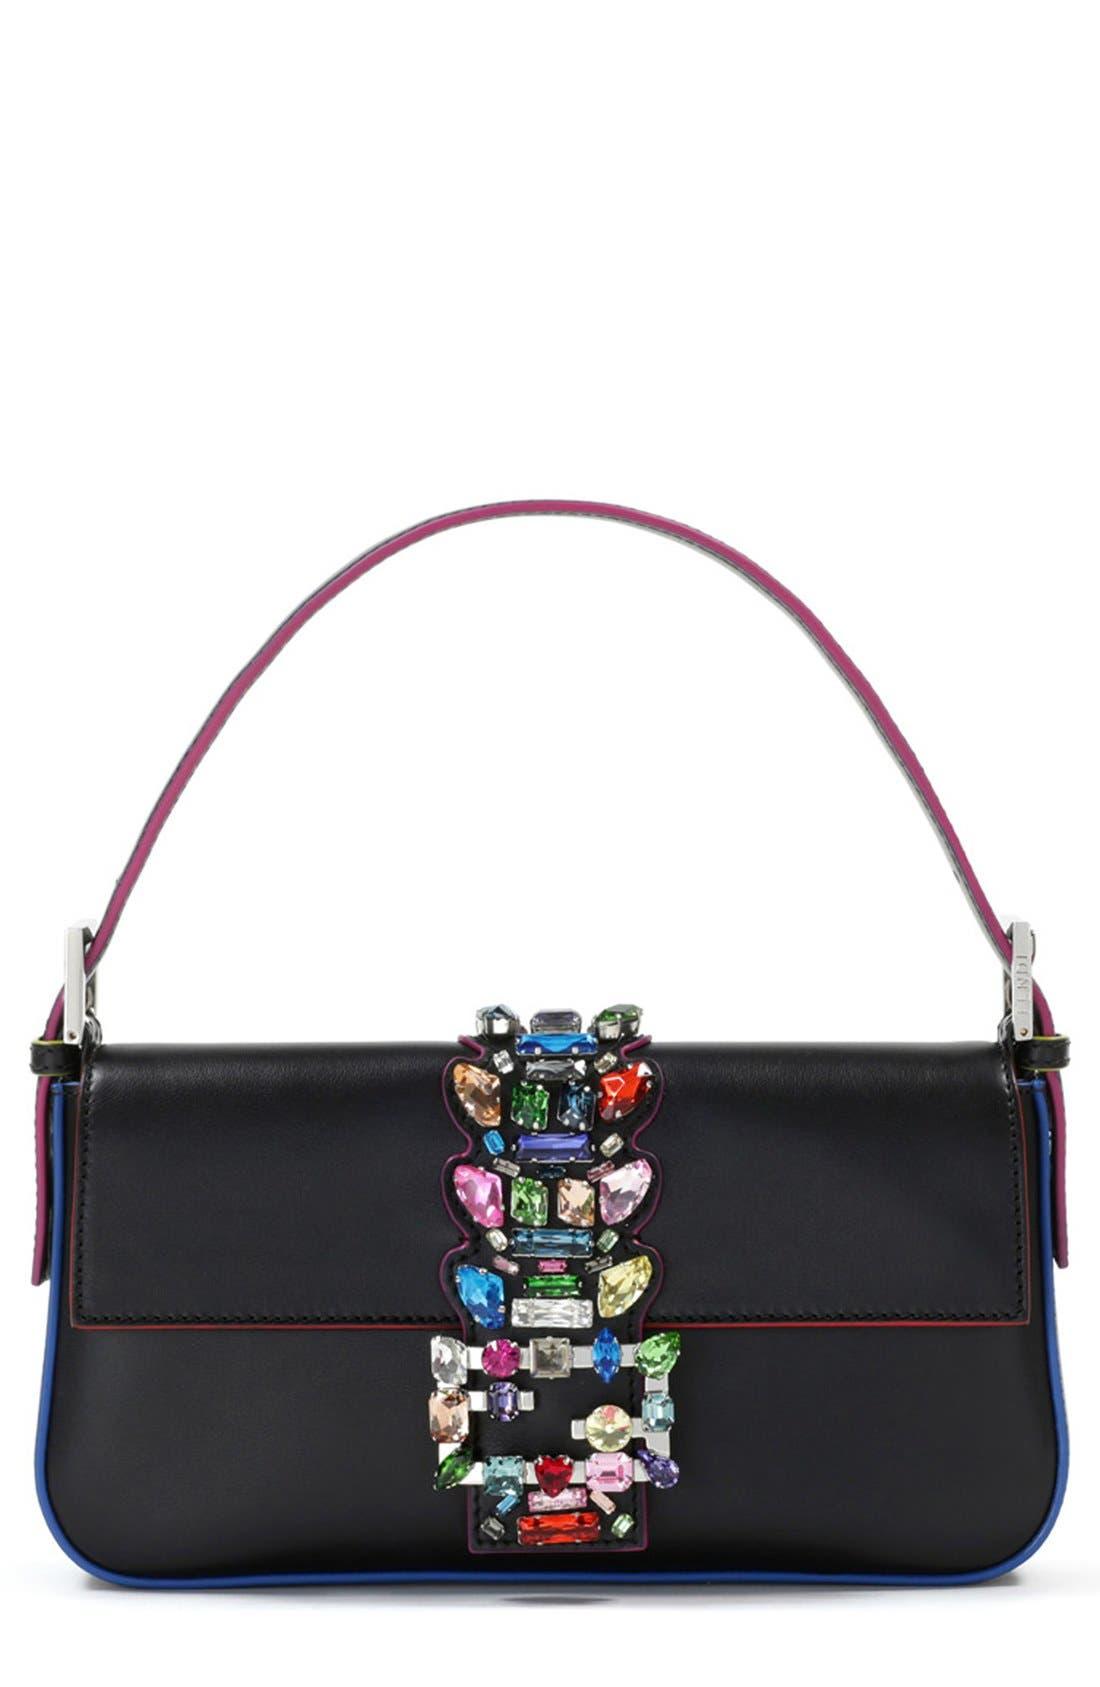 Main Image - Fendi Crystal Embellished Leather Baguette